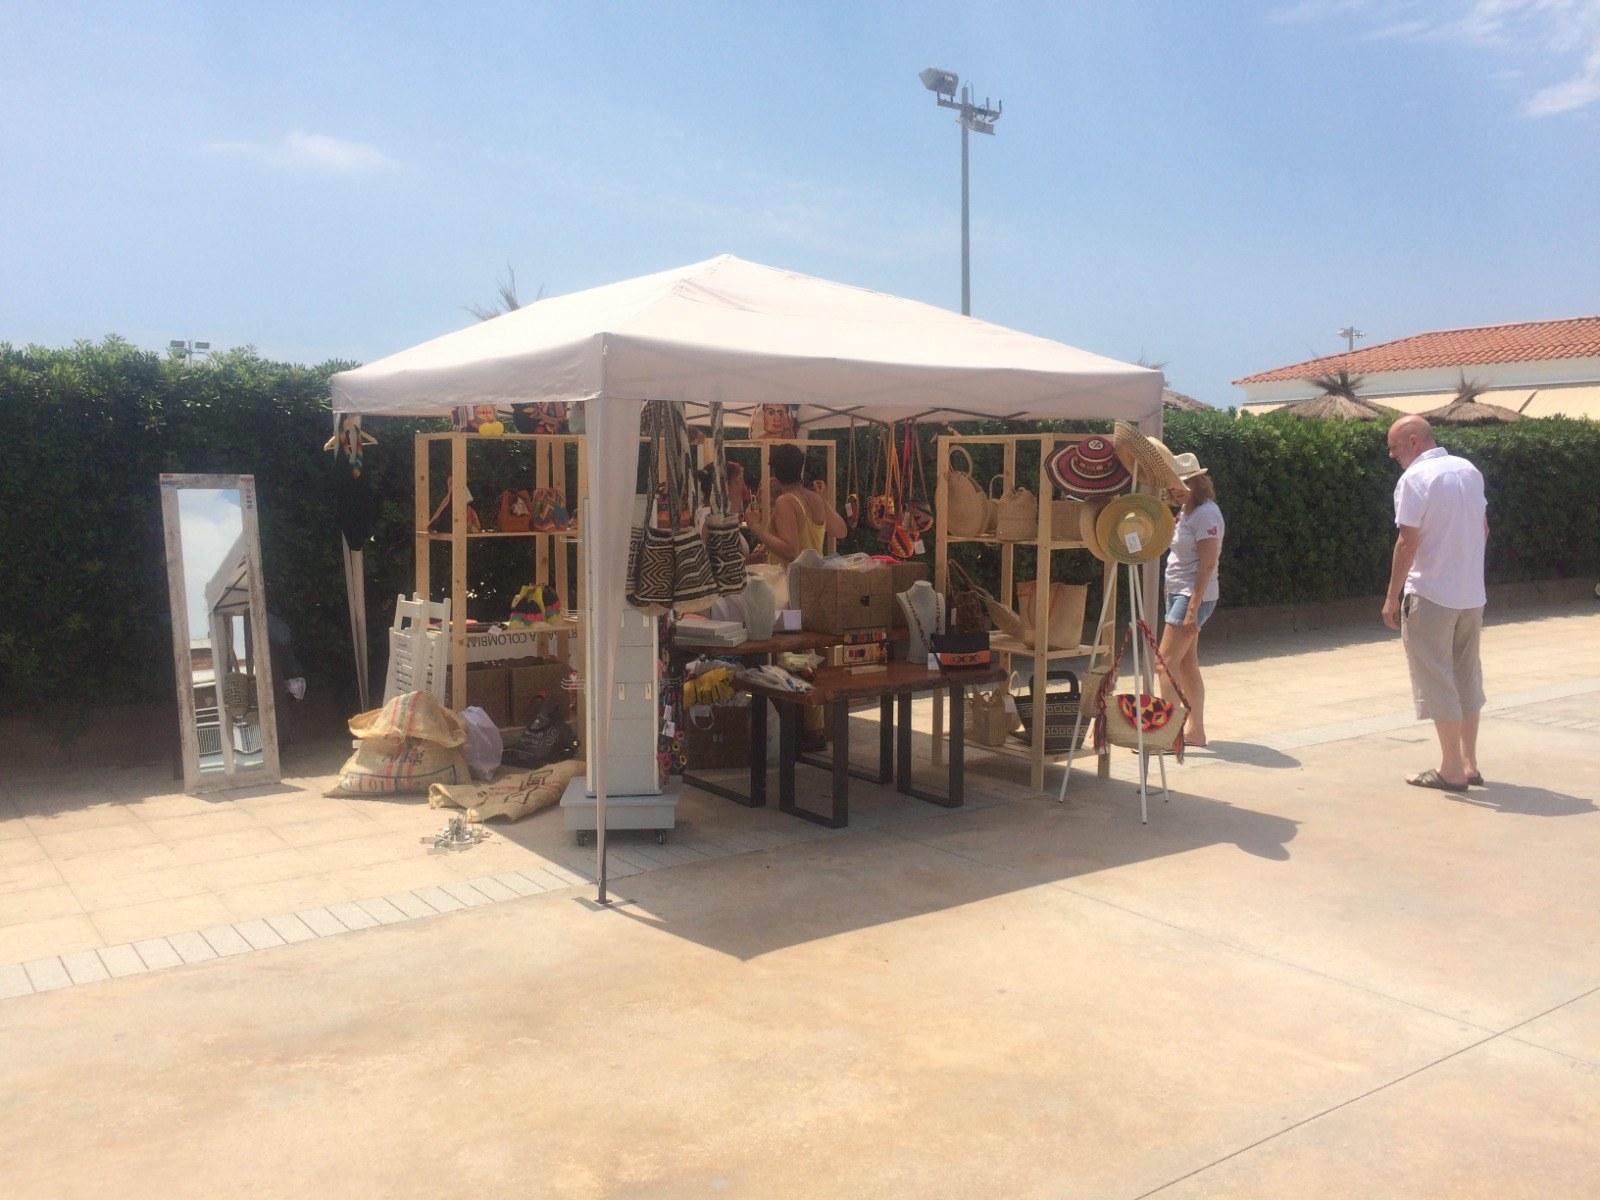 L'Ajuntament de Sitges obre aquest dijous una convocatòria per formar part de la Fira d'estiu d'artesania i regals del passeig